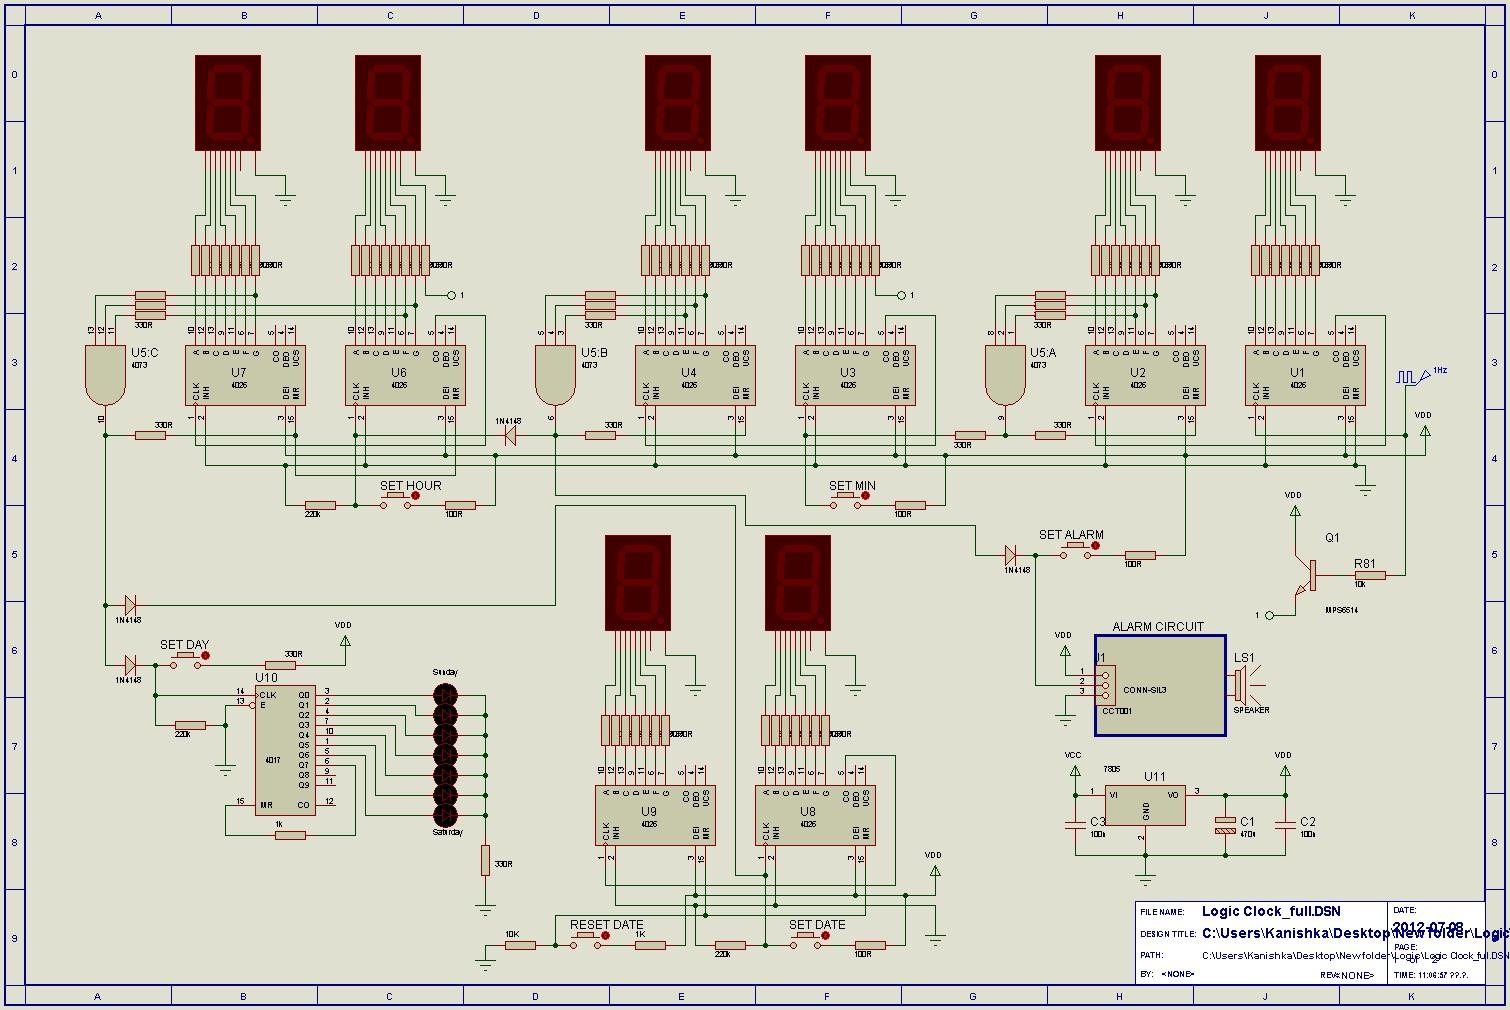 Alarm Clock Circuit Unique Radio Frequency Nextgr 24hr Digital And Using Logic Ics Cd4017